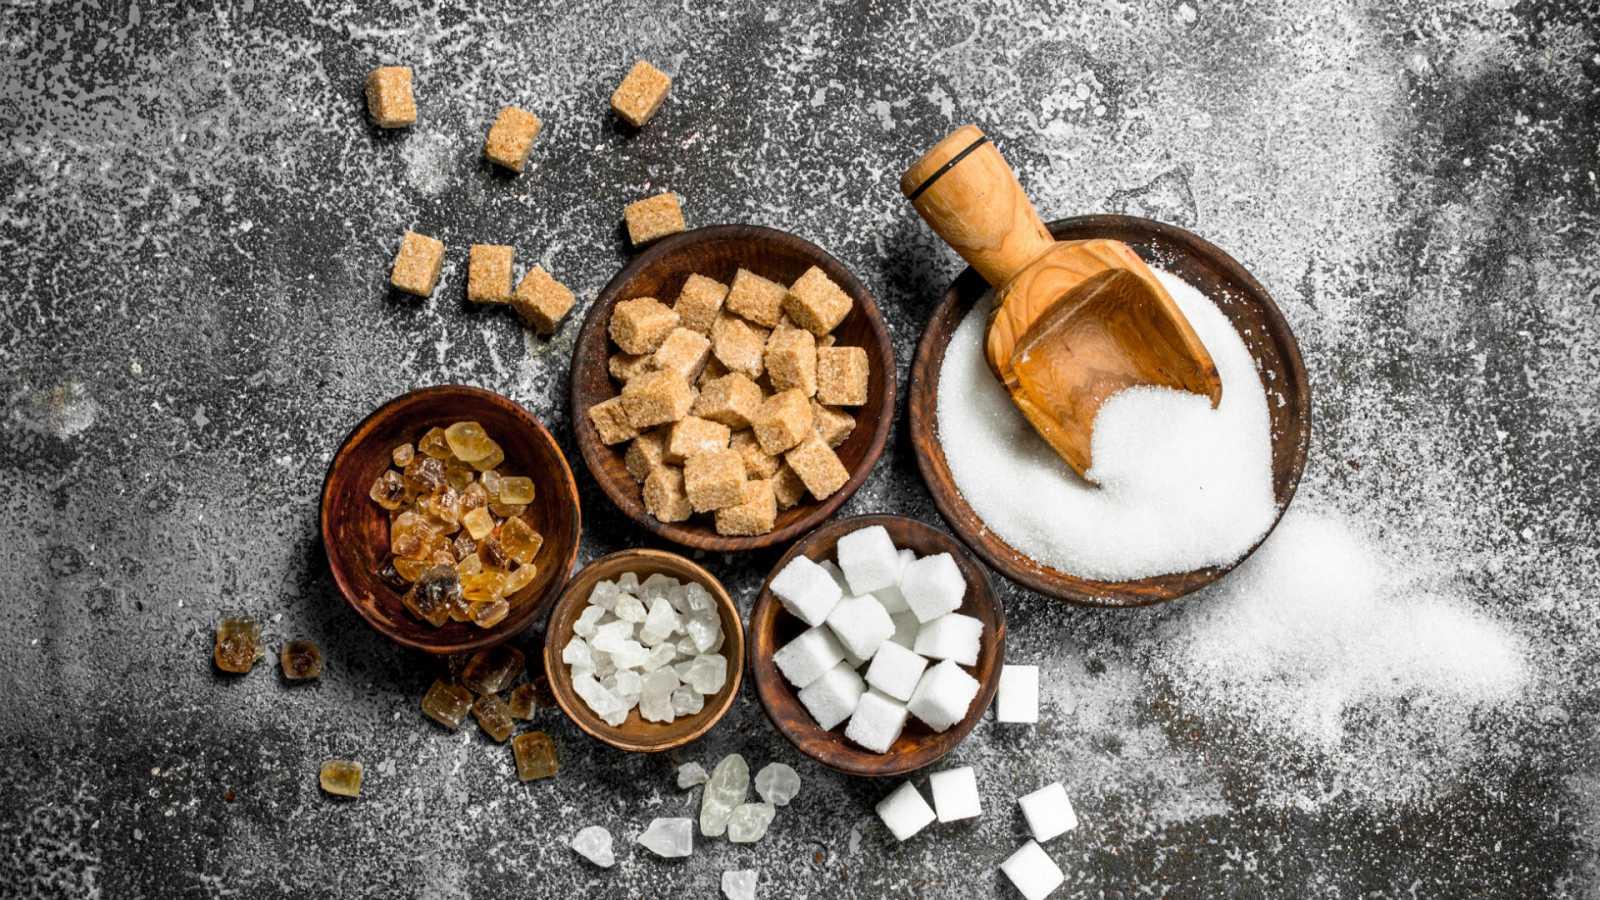 A su salud - El exceso de azúcar - 25/12/20 - Escuchar ahora